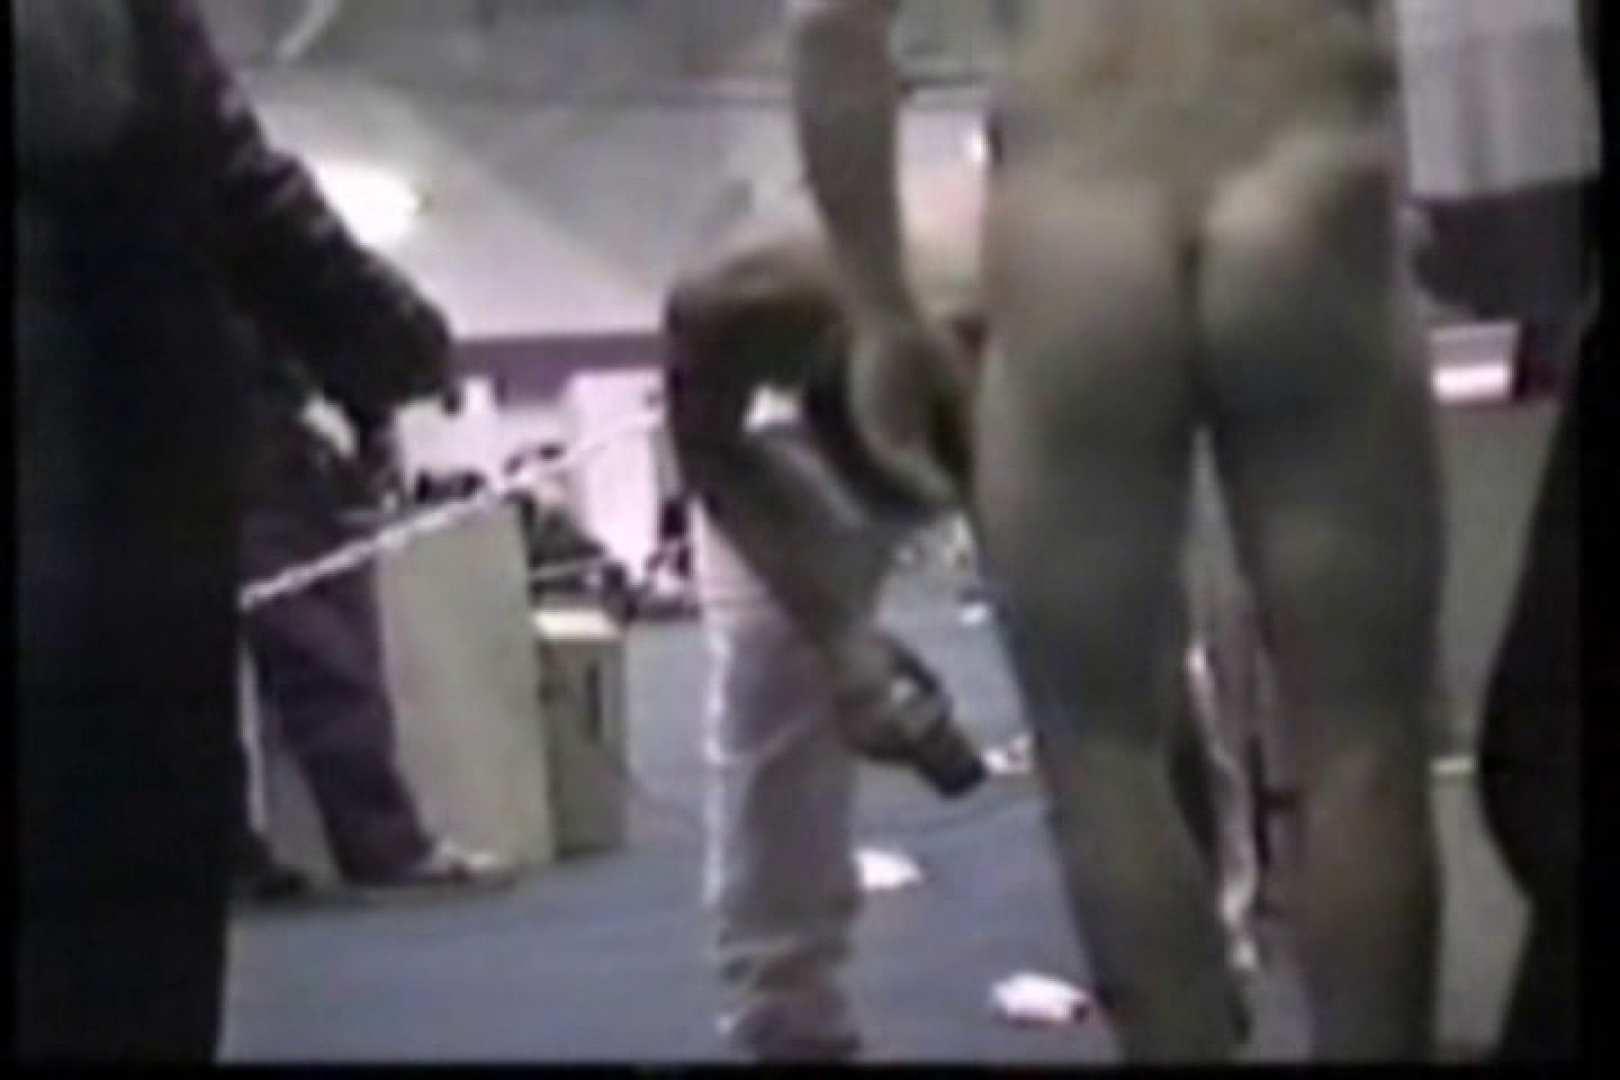 洋人さんの脱衣所を覗いてみました。VOL.8 のぞき   ガチムチマッチョ系  93pic 13